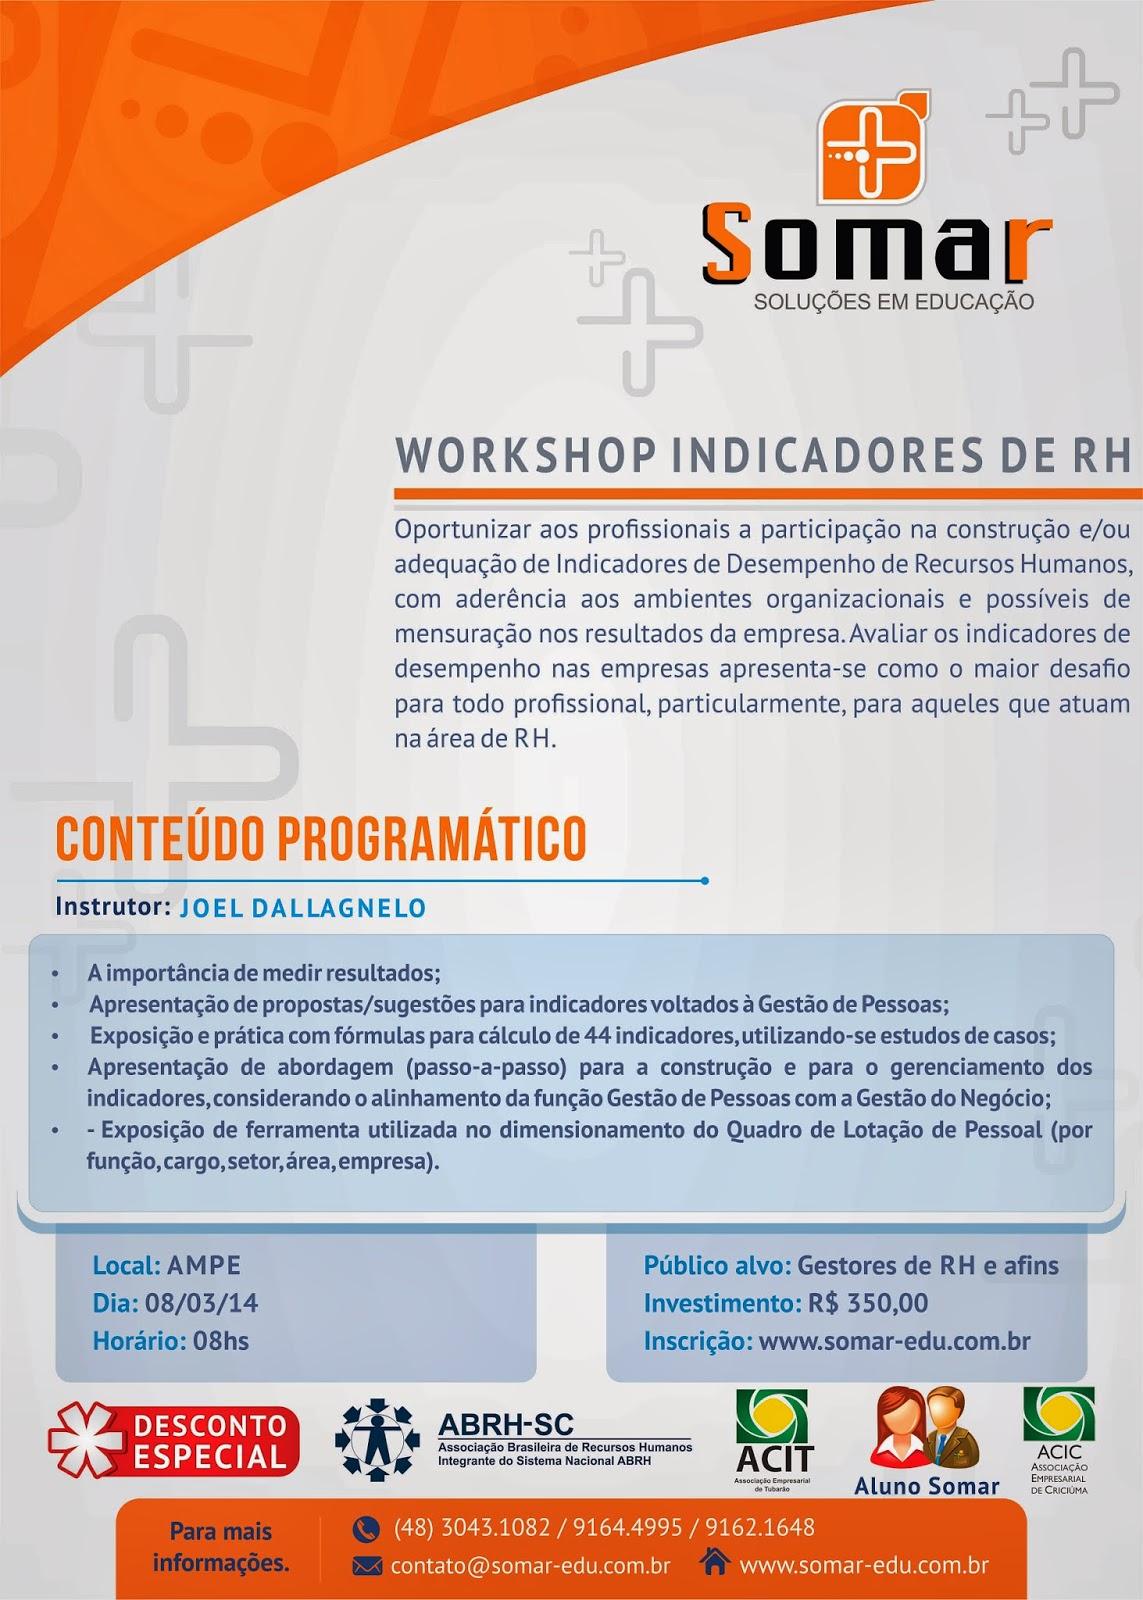 http://somar-edu.com.br/detalhe_curso/29/WORKSHOP---INDICADORES-DE-RH.html